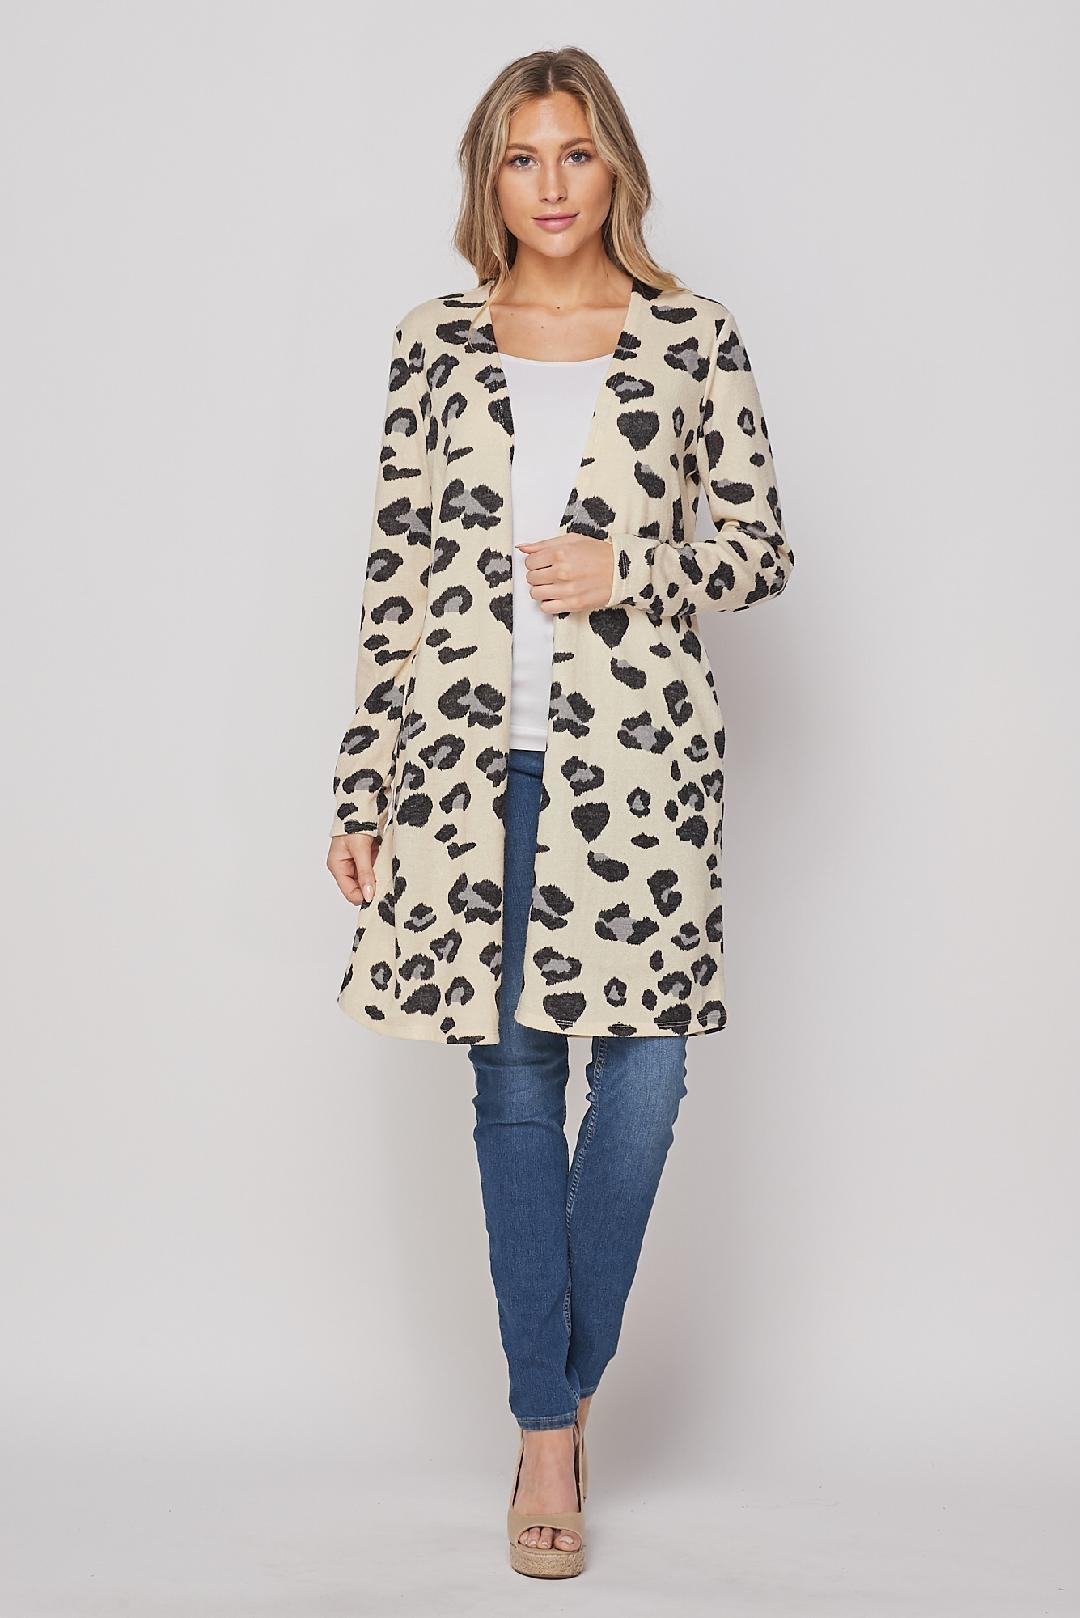 Honeyme Cheetah Print Cardigan